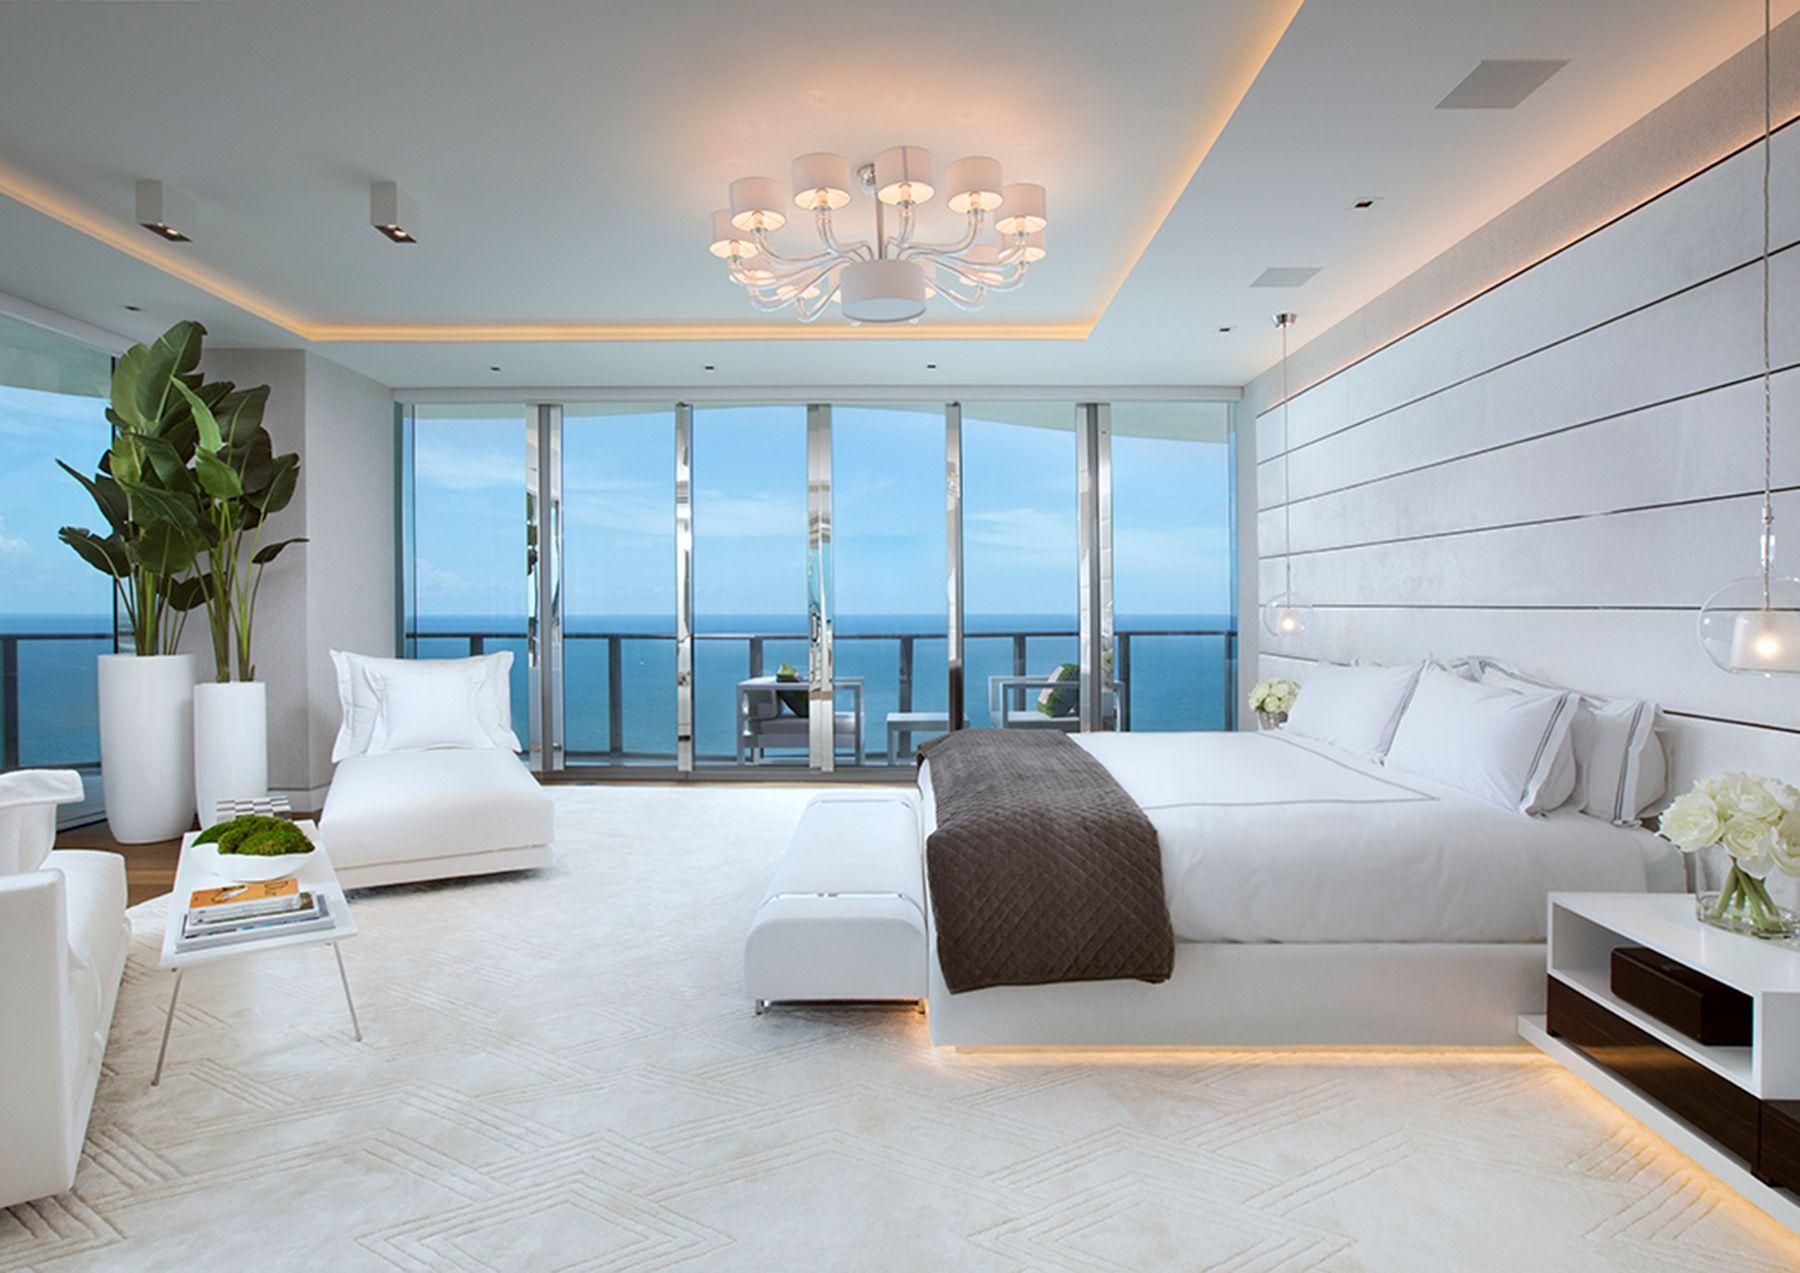 Departamento minimalista en la playa habitaciones for Decoracion de departamentos minimalistas